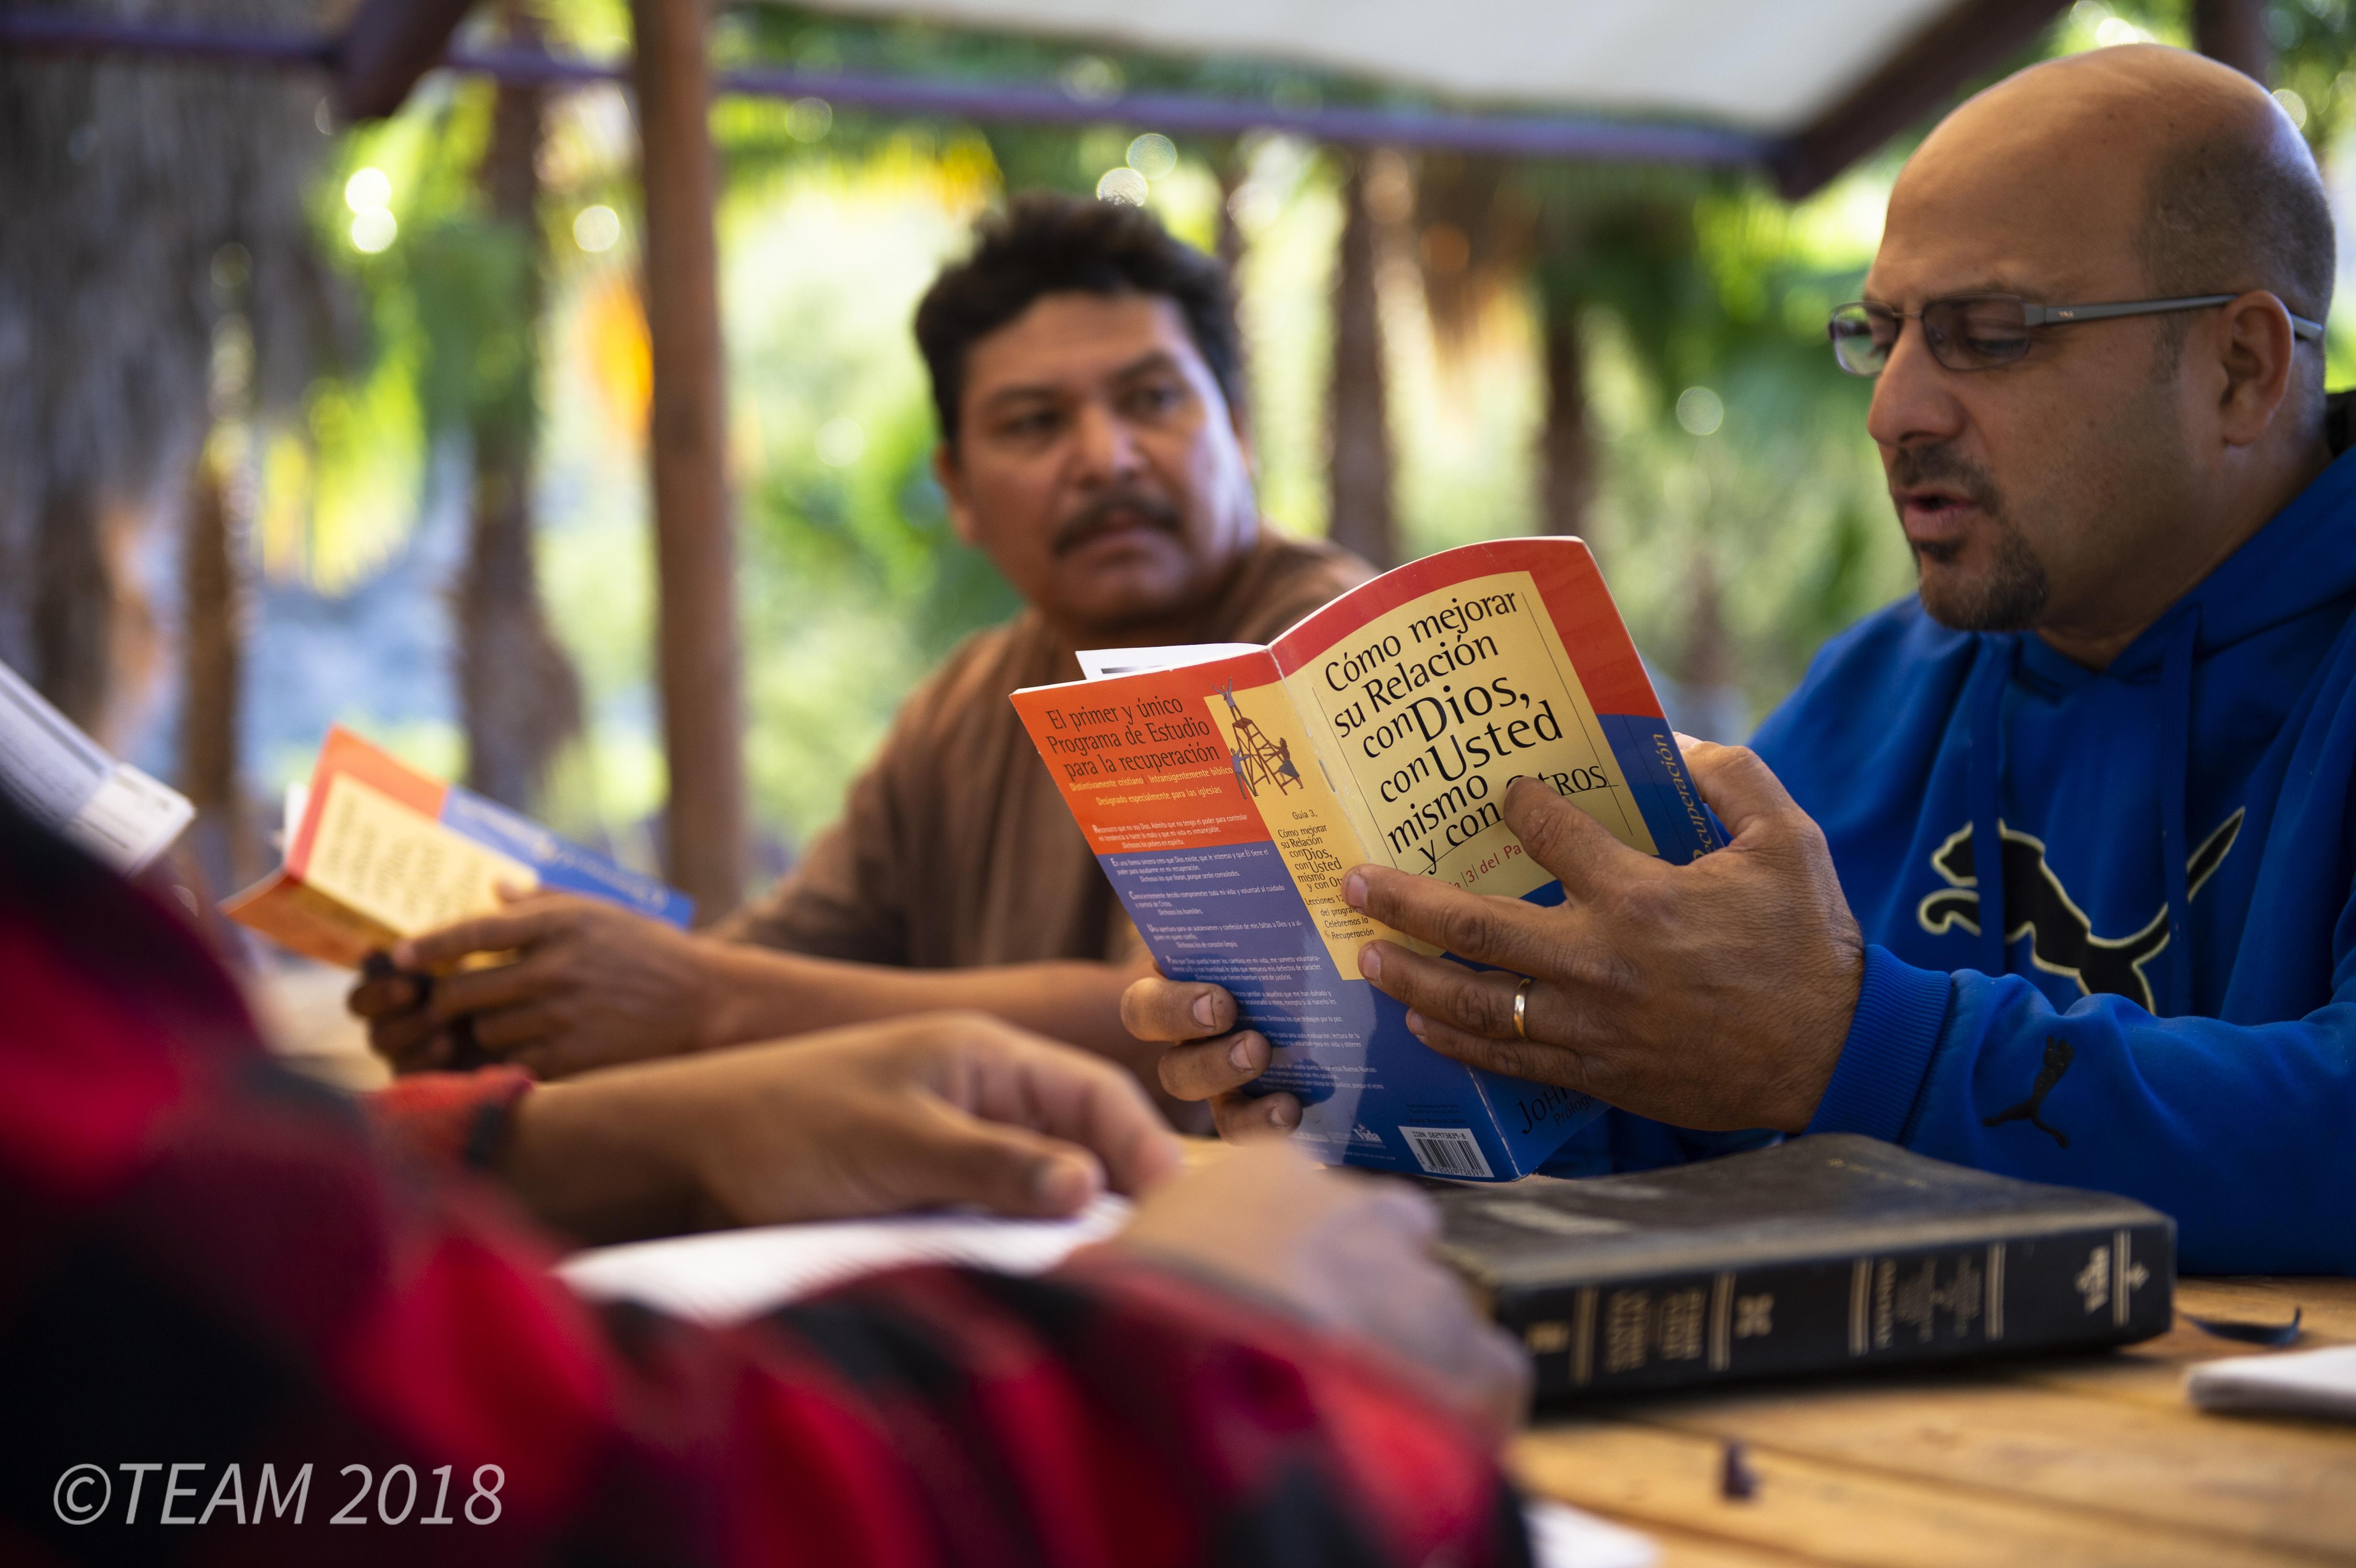 A man reads a book at a Bible study